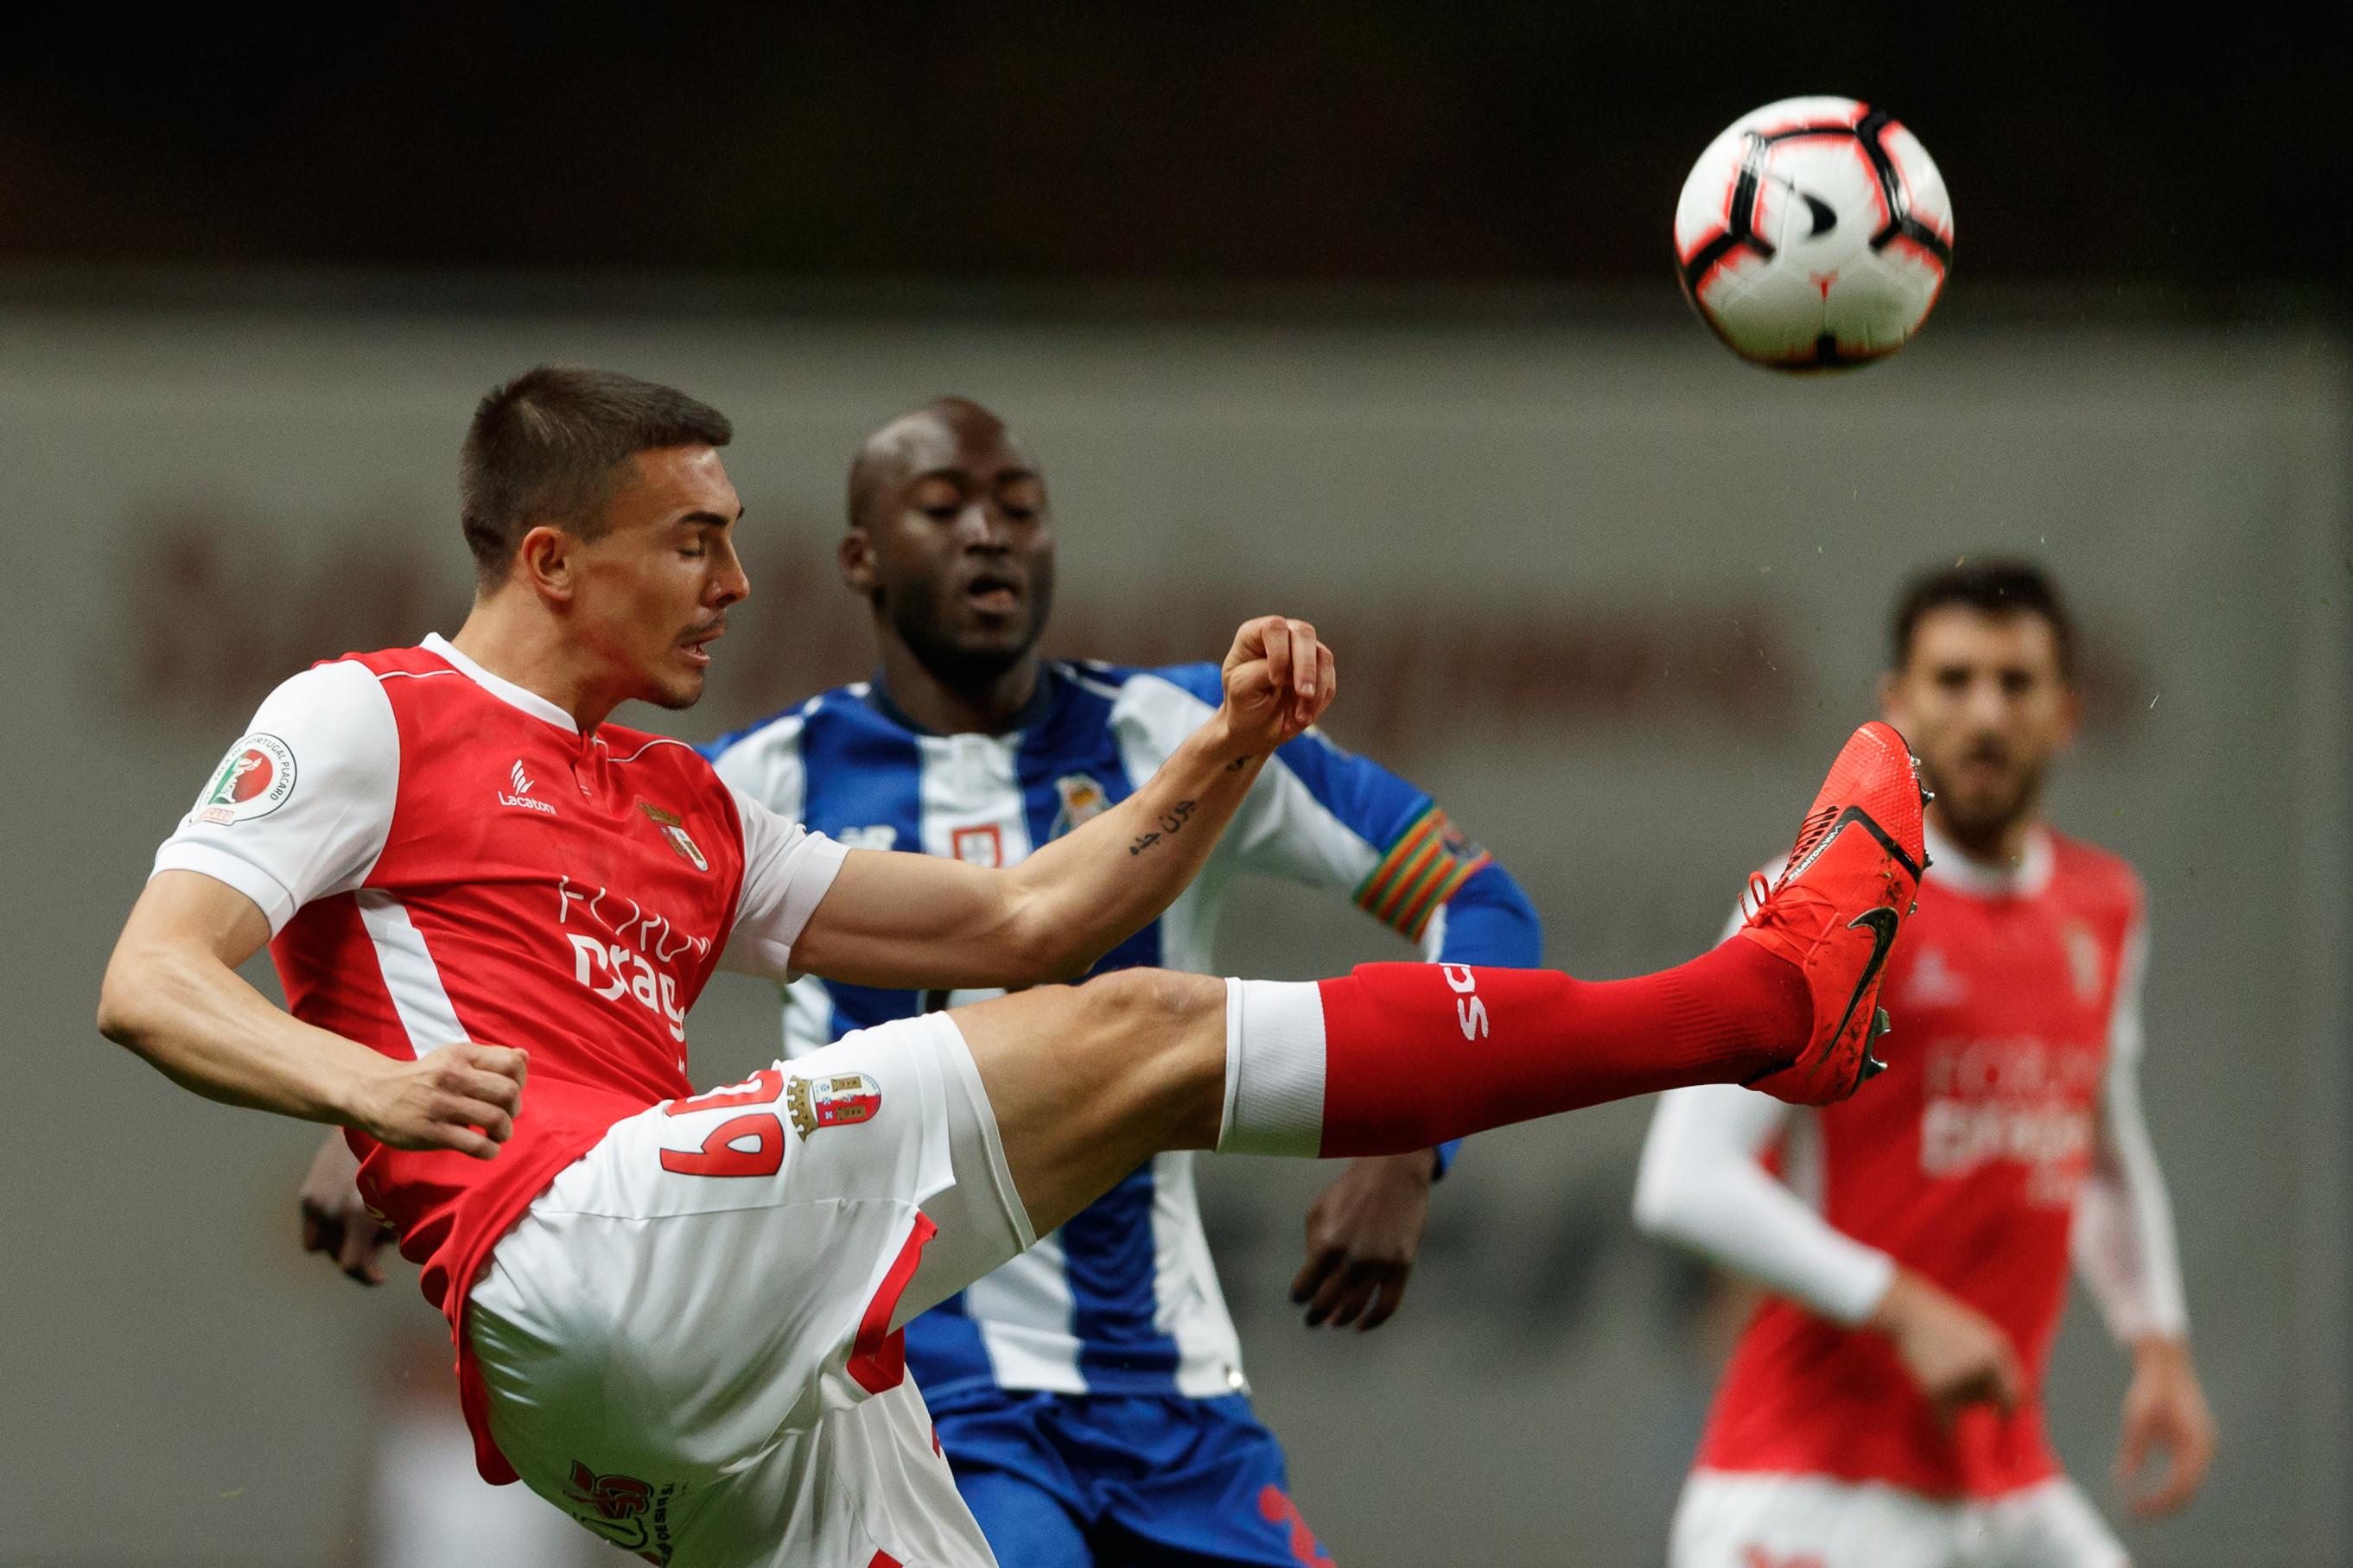 [1-0] Sp. Braga-FC Porto: Sérgio Conceição lança Otávio